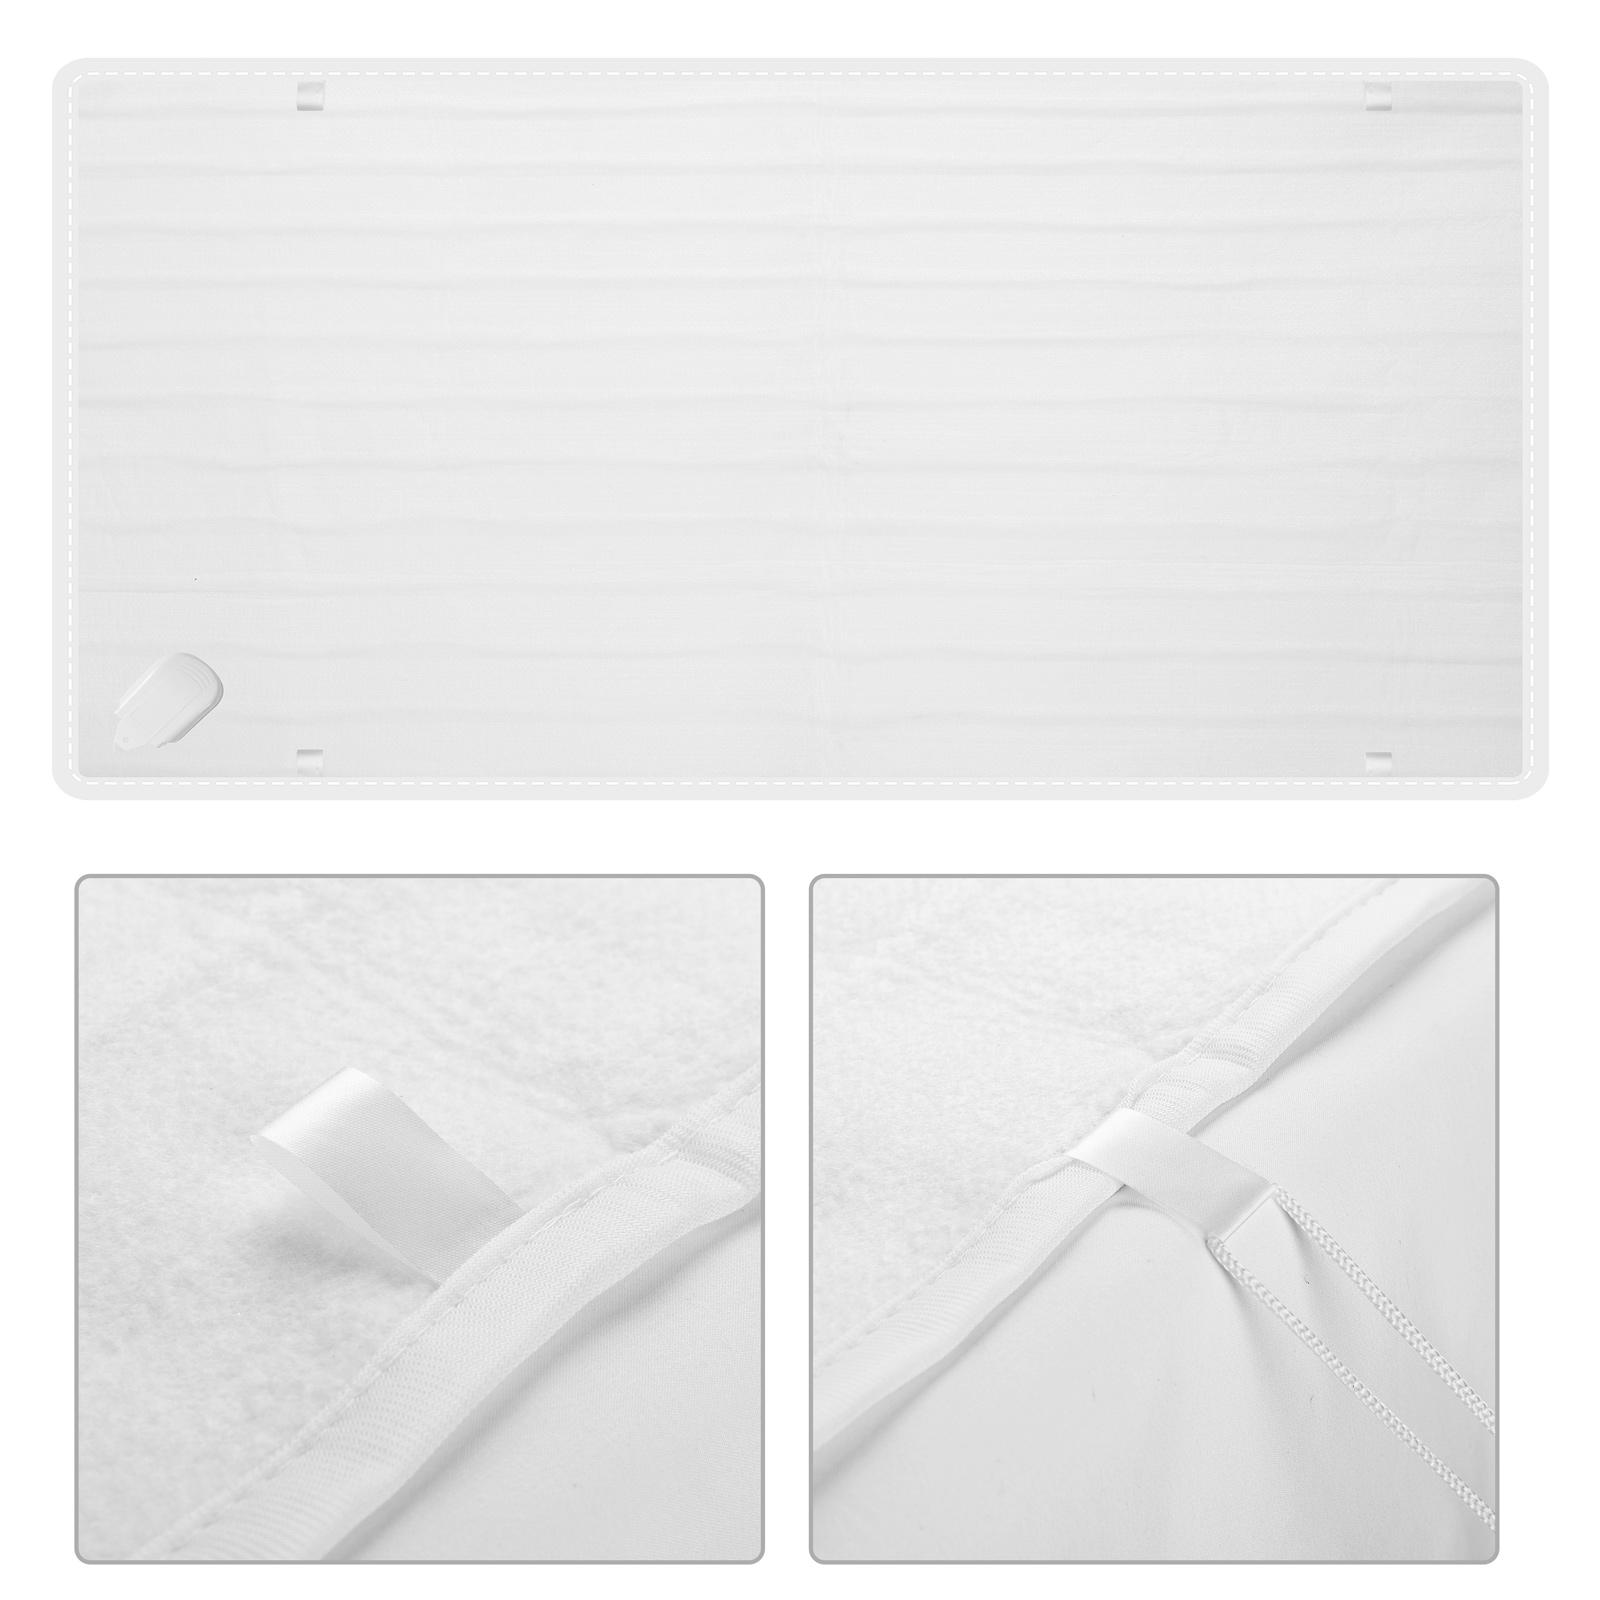 Couverture chauffante couvre lit lectrique surmatelas 150 x 80 cm 60 w plaid ebay - Couverture chauffante lit ...